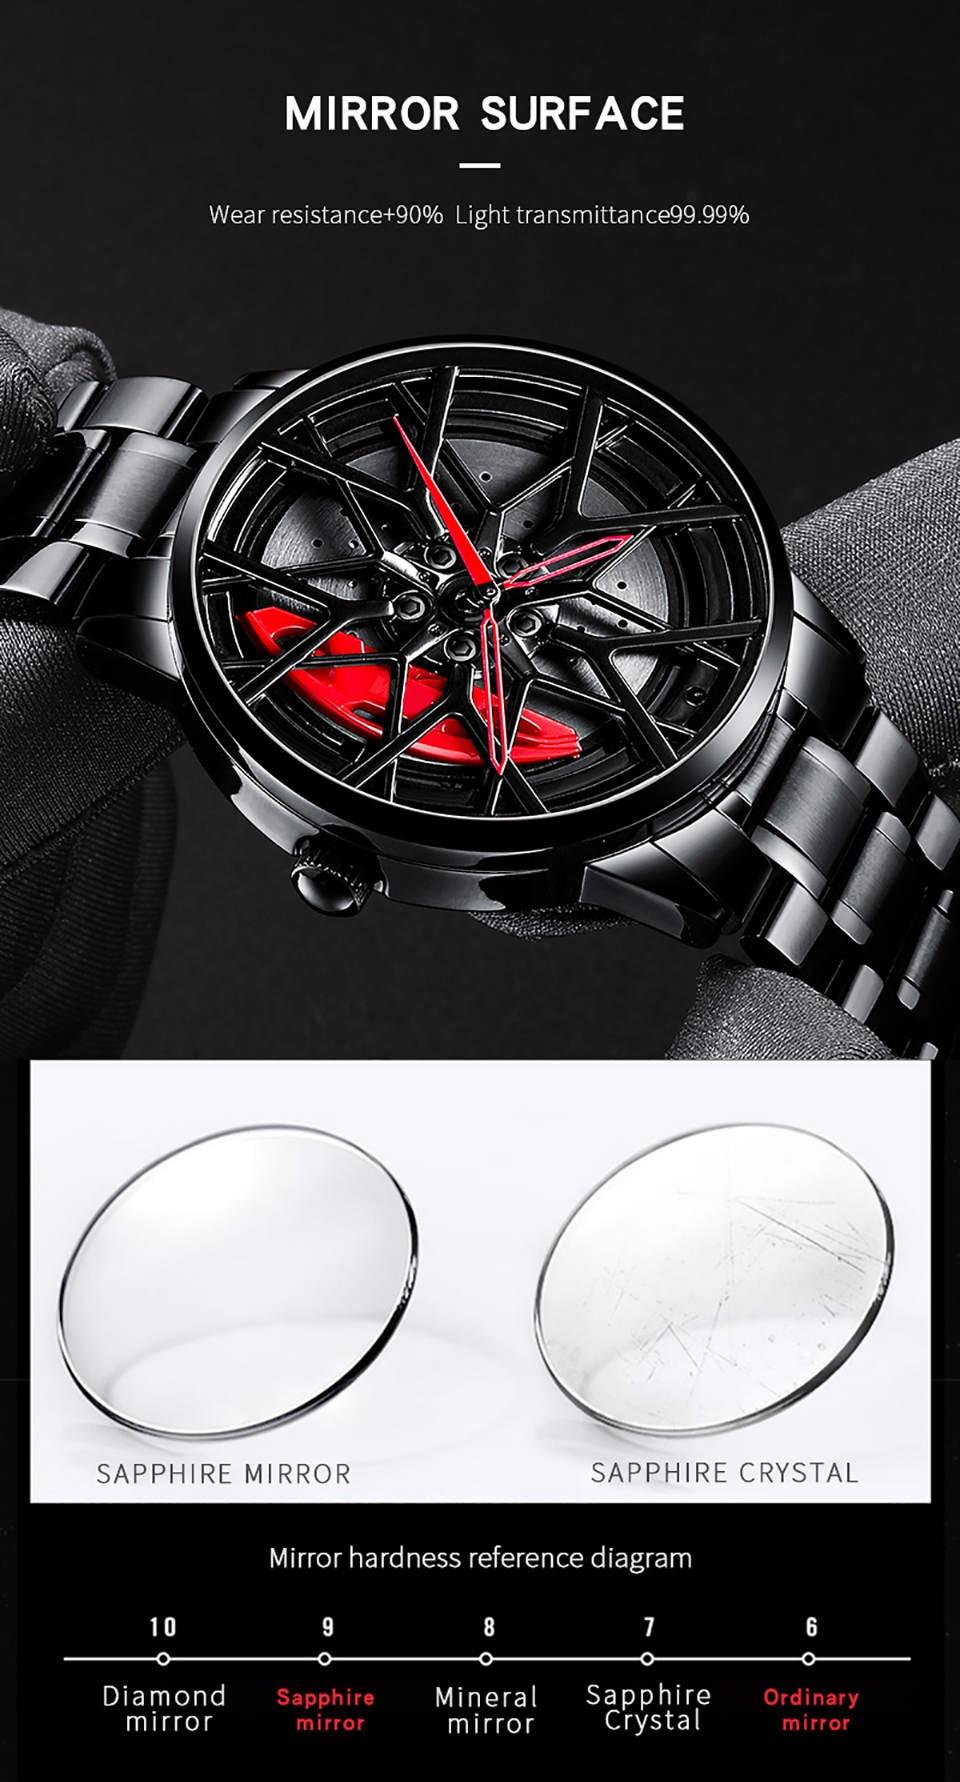 Hcb76ba48bcae45ebaee6f040847cdc685 NIBOSI 2020 Car Rim Hub Wheel Watch Custom Design